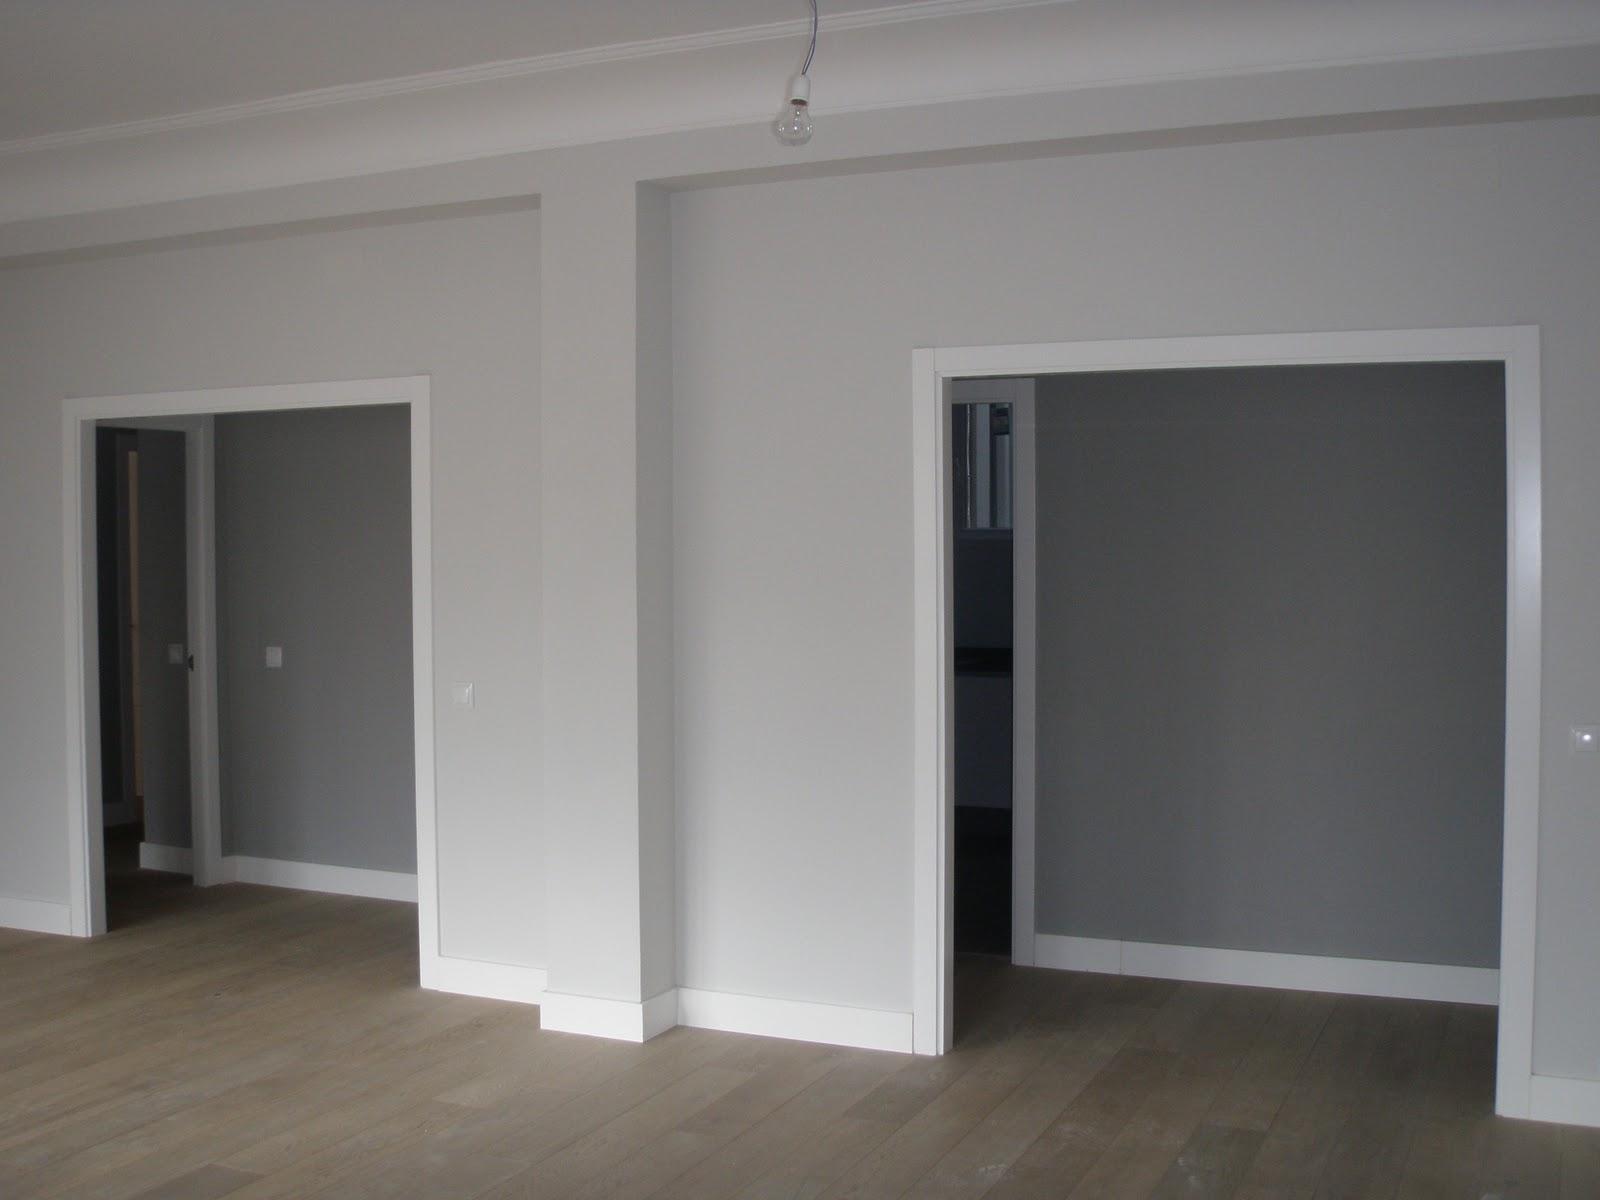 Eternamente flaneur reforma en madrid parte 1 - Fotos de salones pintados ...